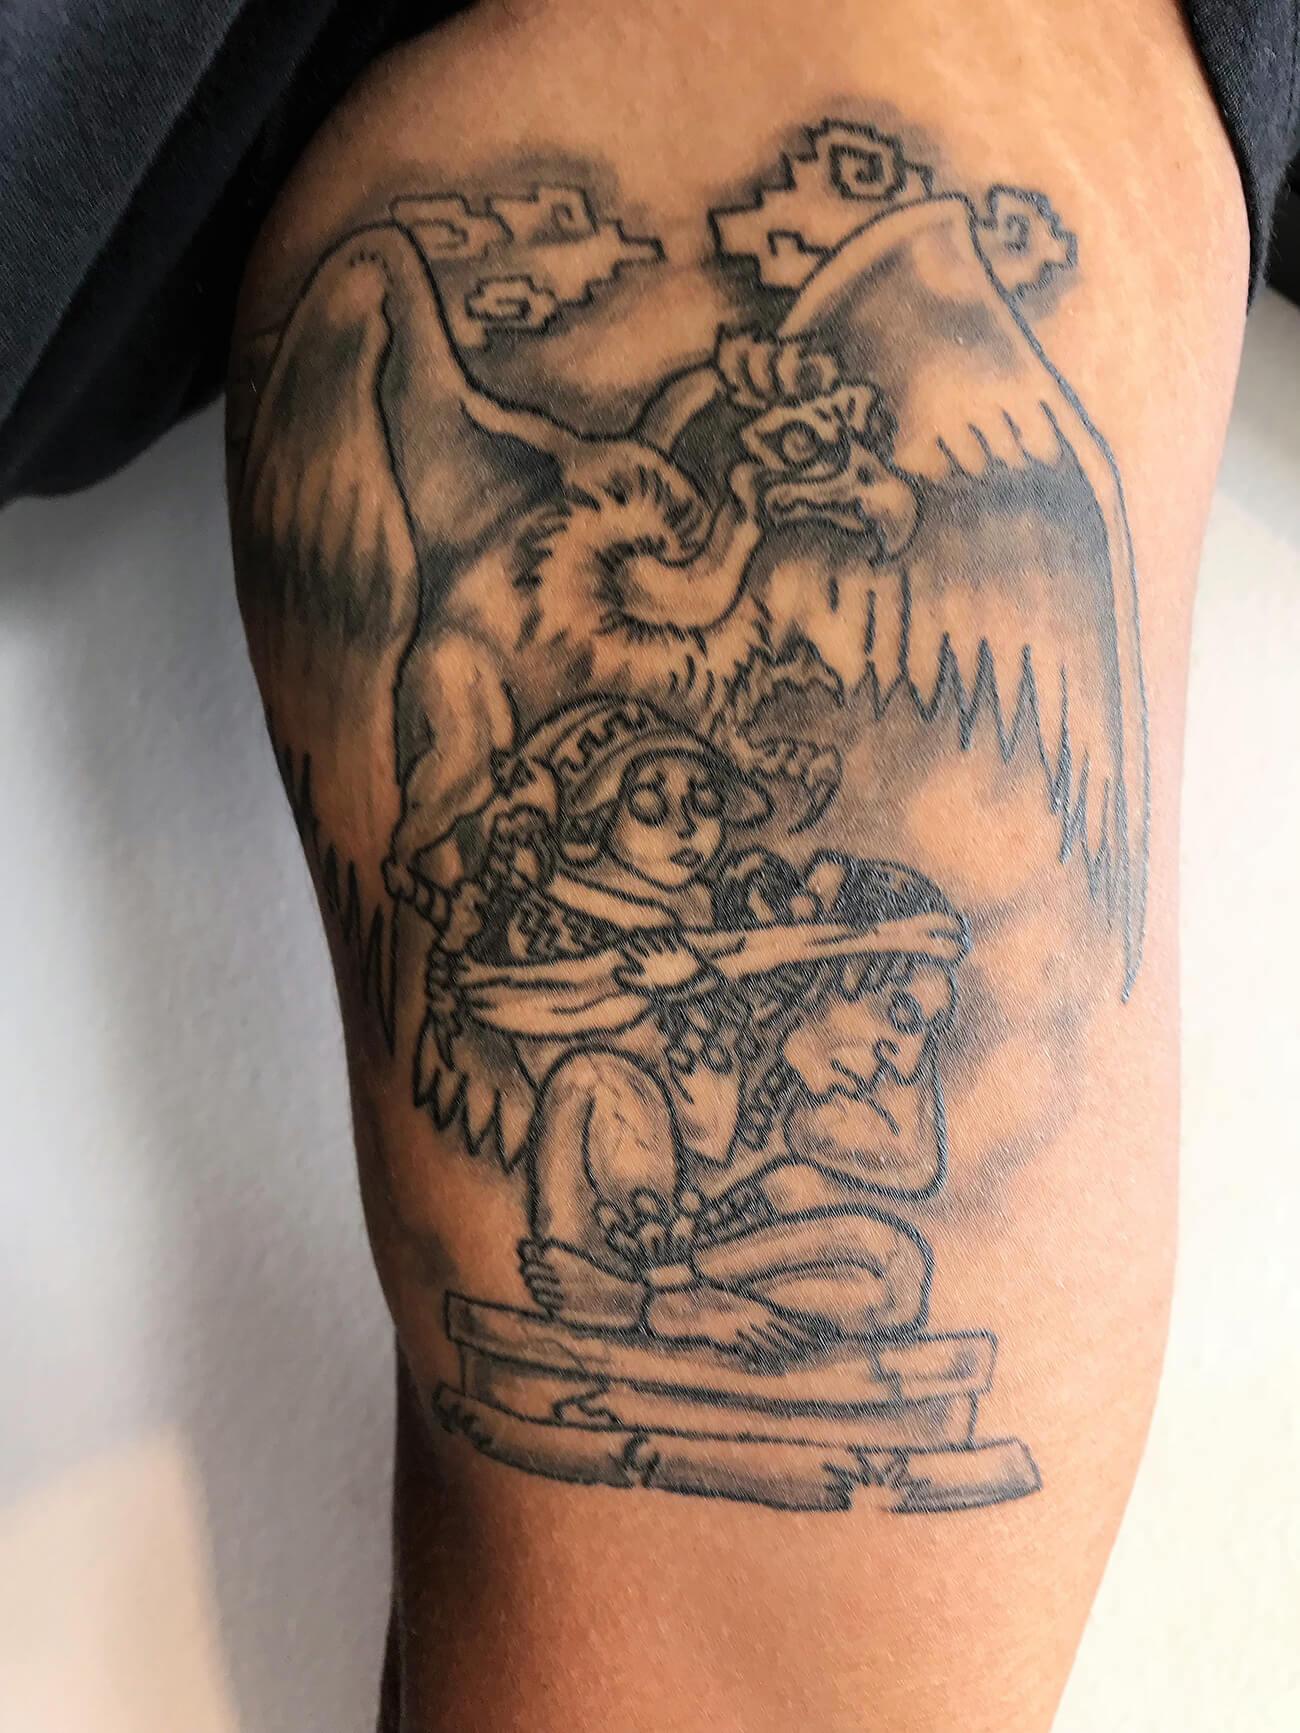 Tatouage intérieur biceps homme, tatouage amérindien, création unique, style précolombien